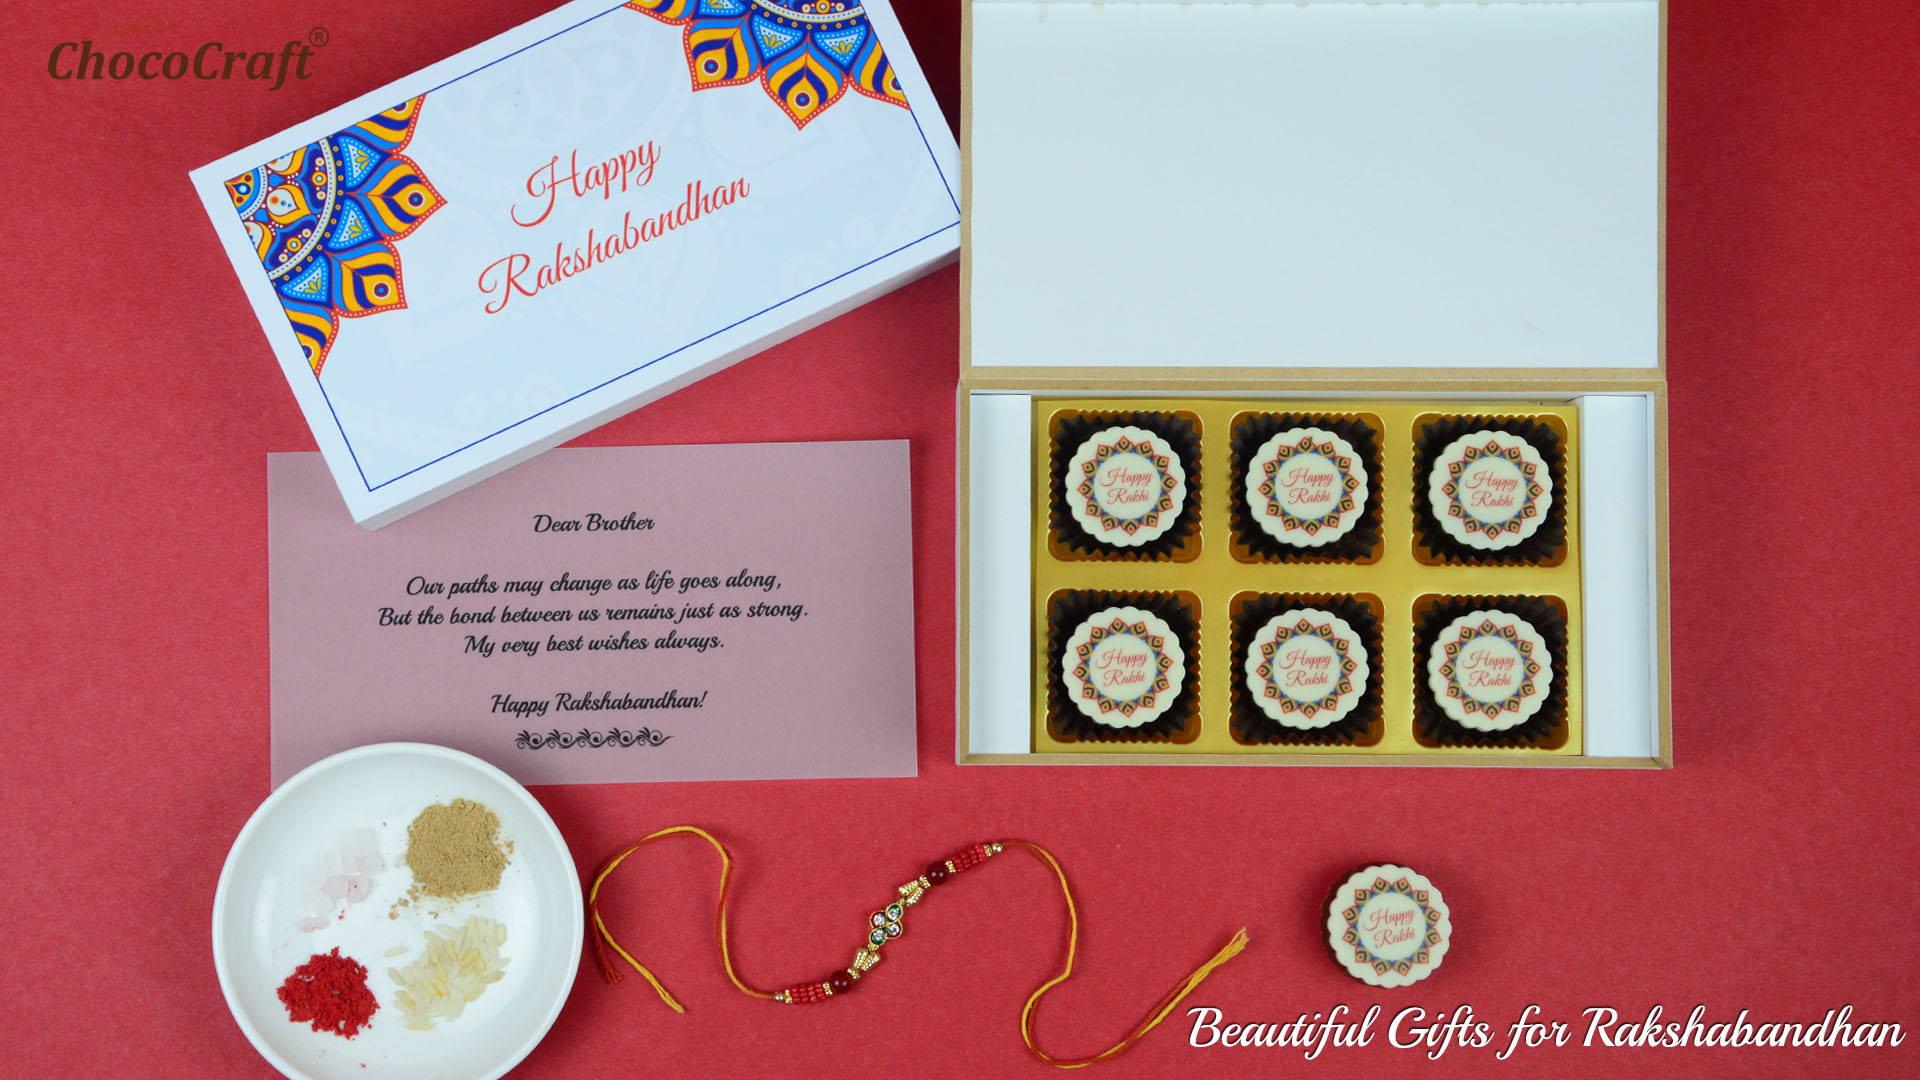 Beautiful gifts for Rakshabandhan